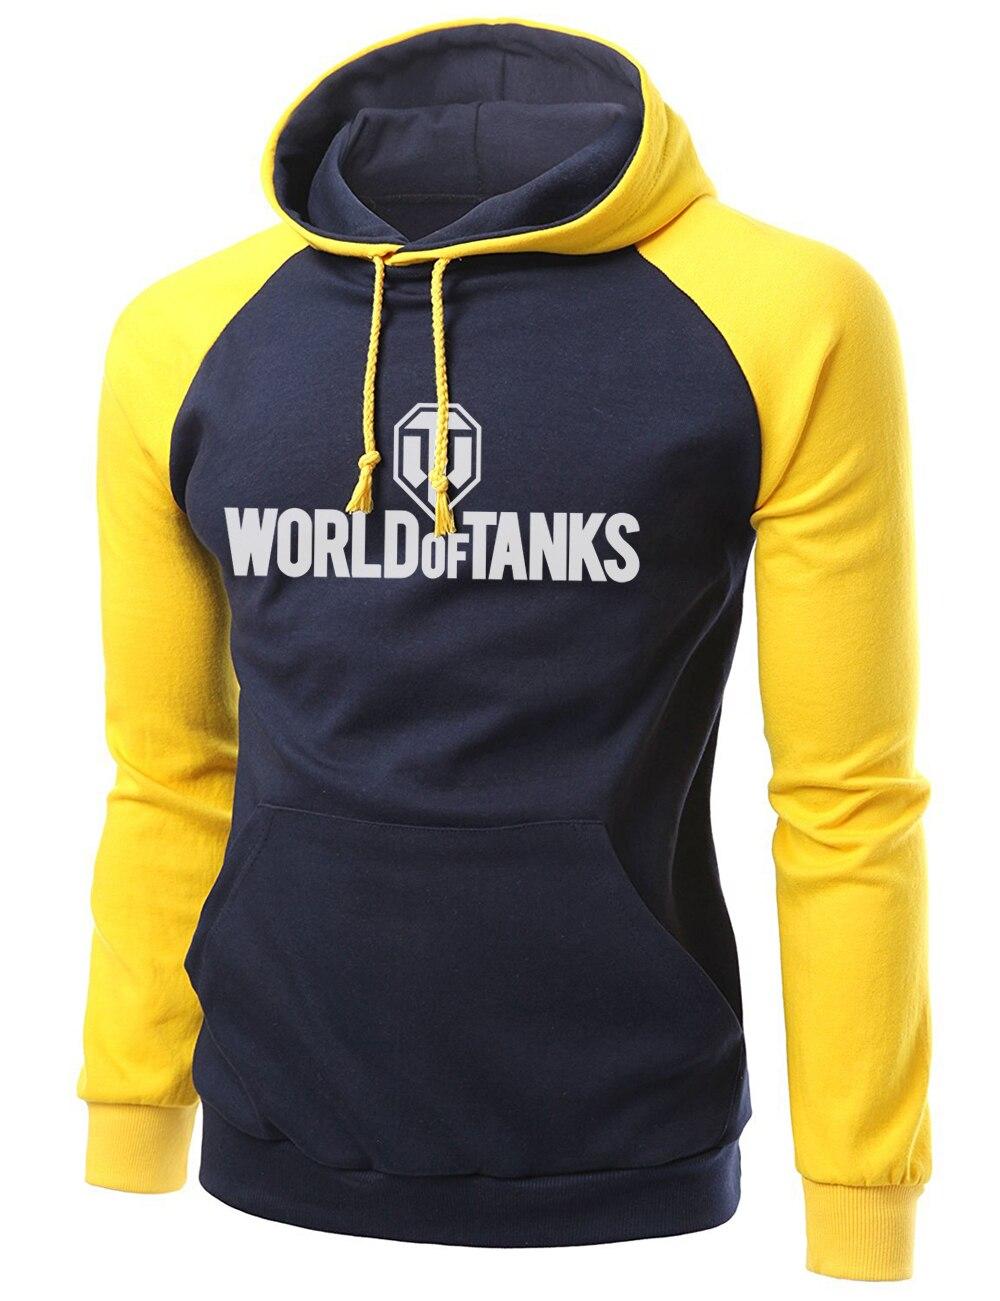 Осень зима 2019, Новое поступление, флисовые теплые свитшоты с принтом «World War 2 Tanks», модные толстовки реглан, облегающий спортивный костюм, S XXL slim fit tracksuit raglan hoodiefashion hoodie   АлиЭкспресс